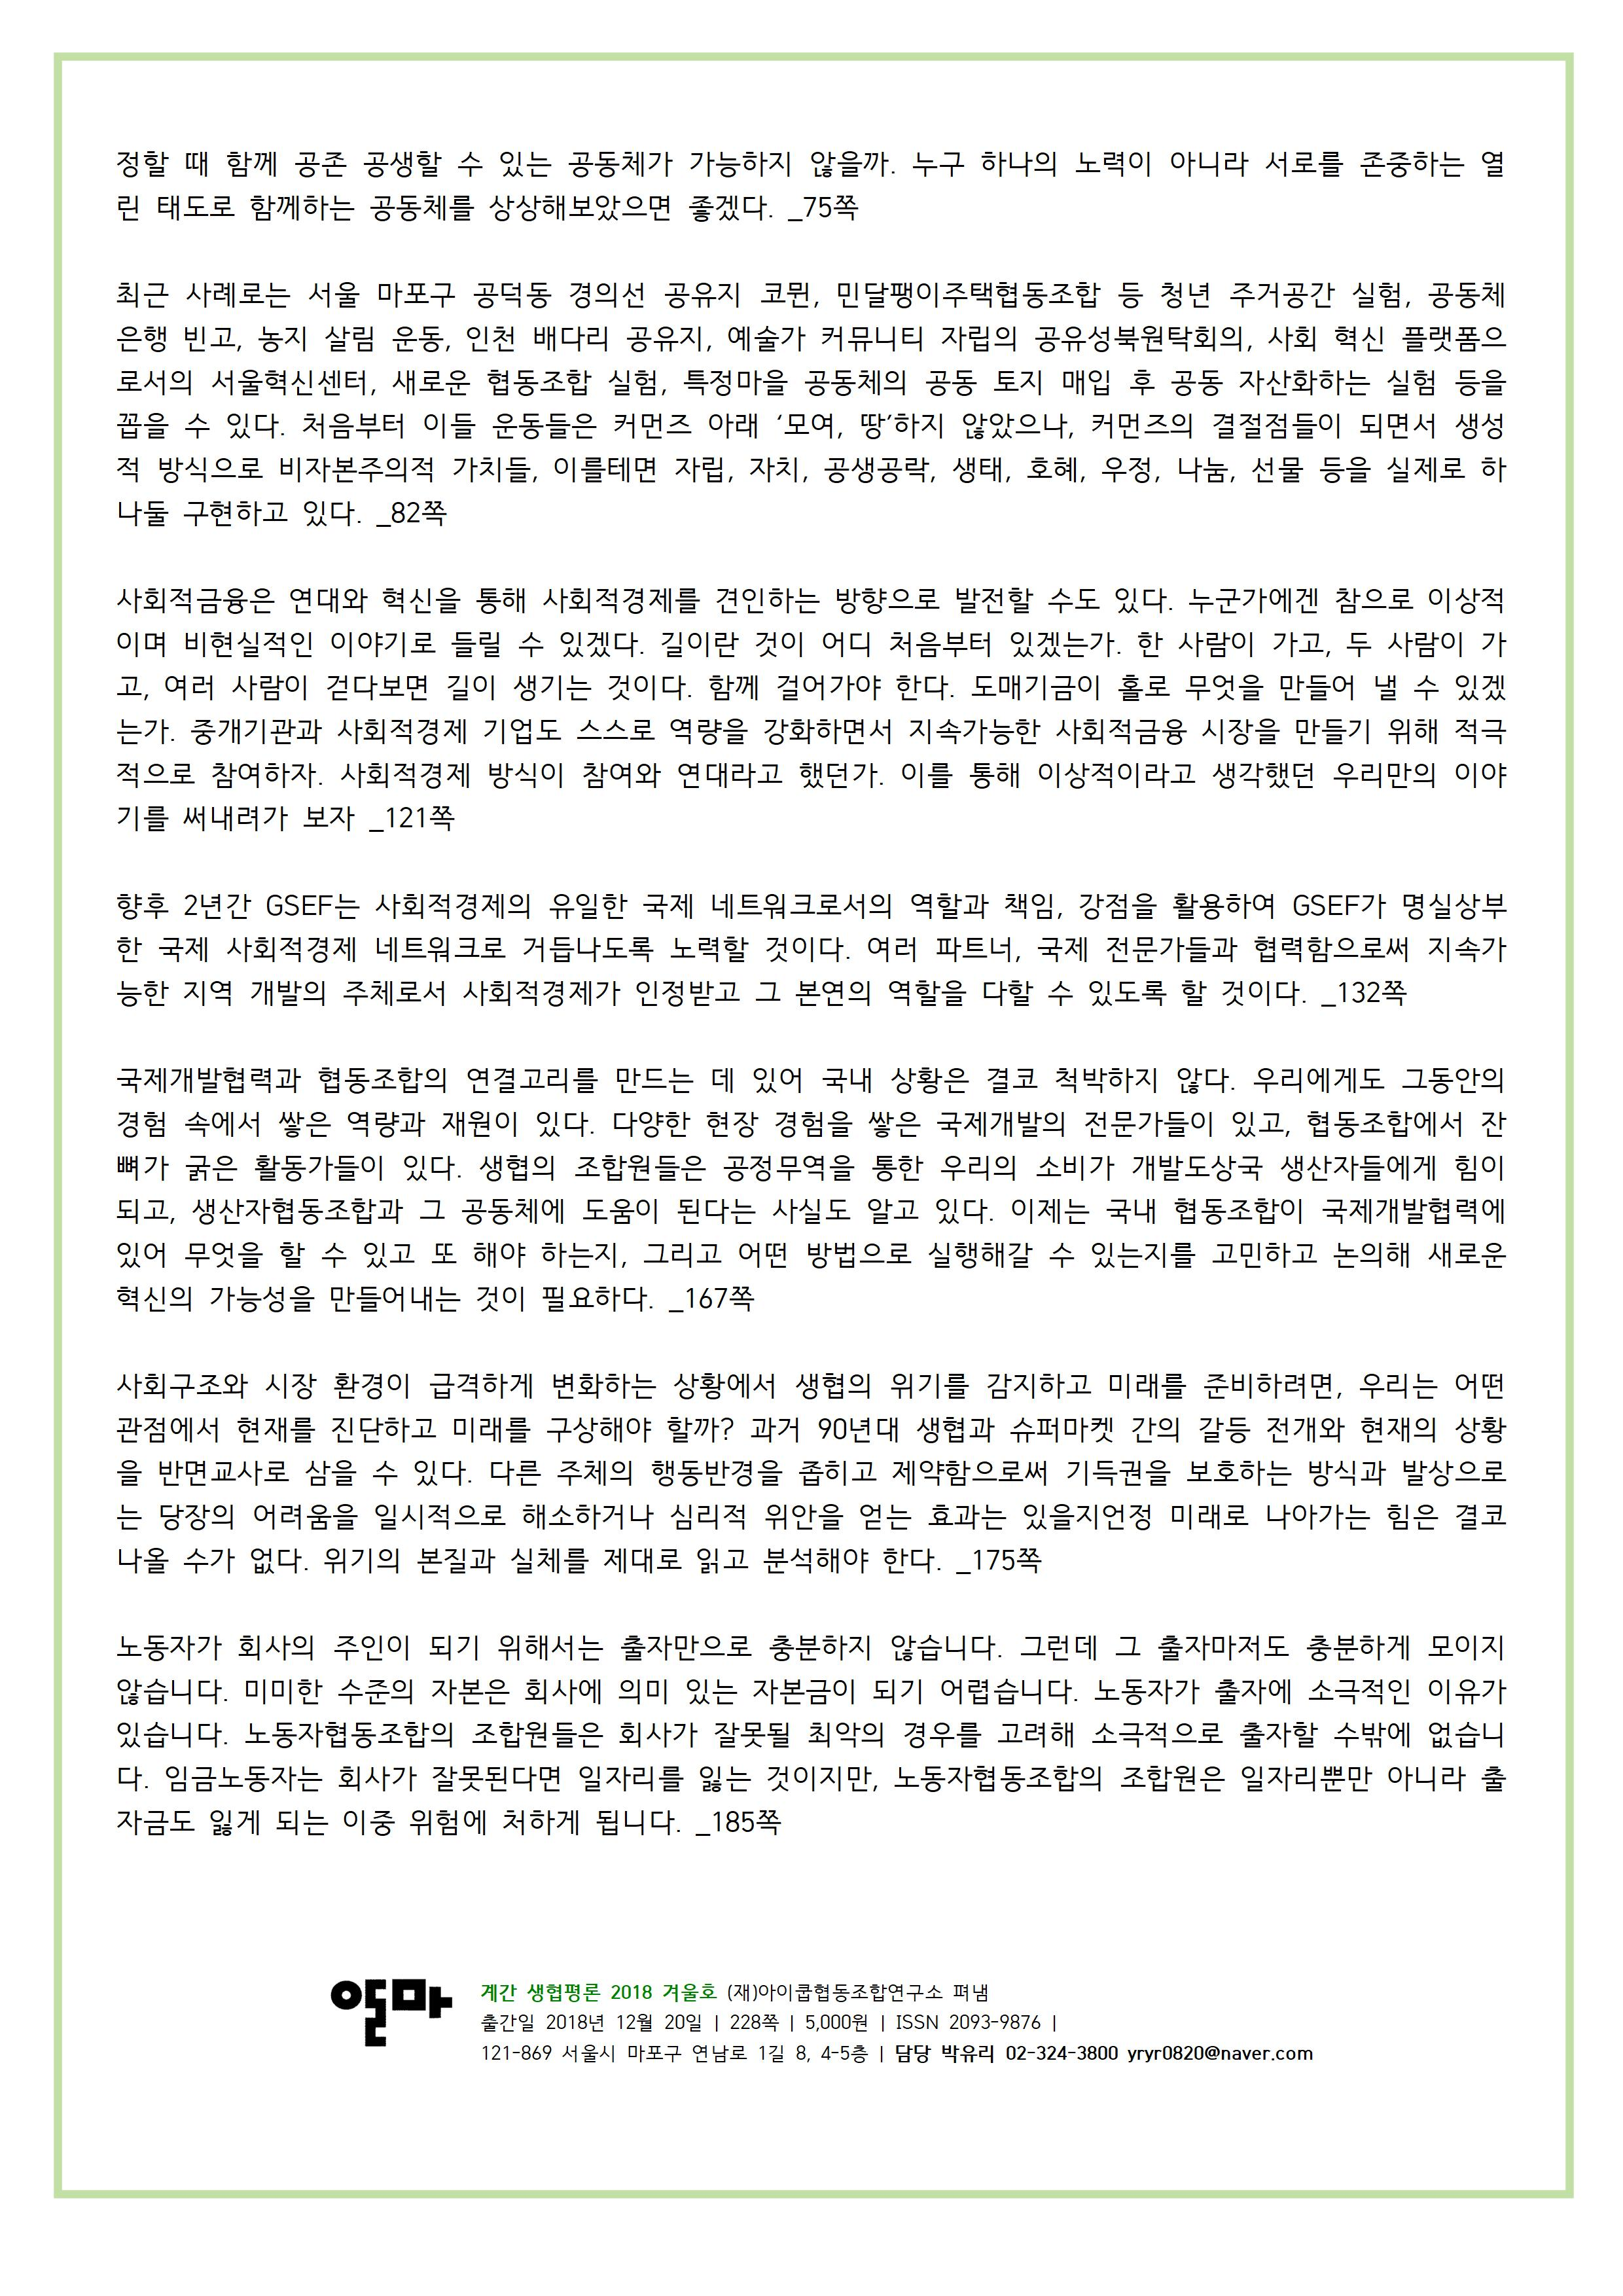 33호_보도자료004